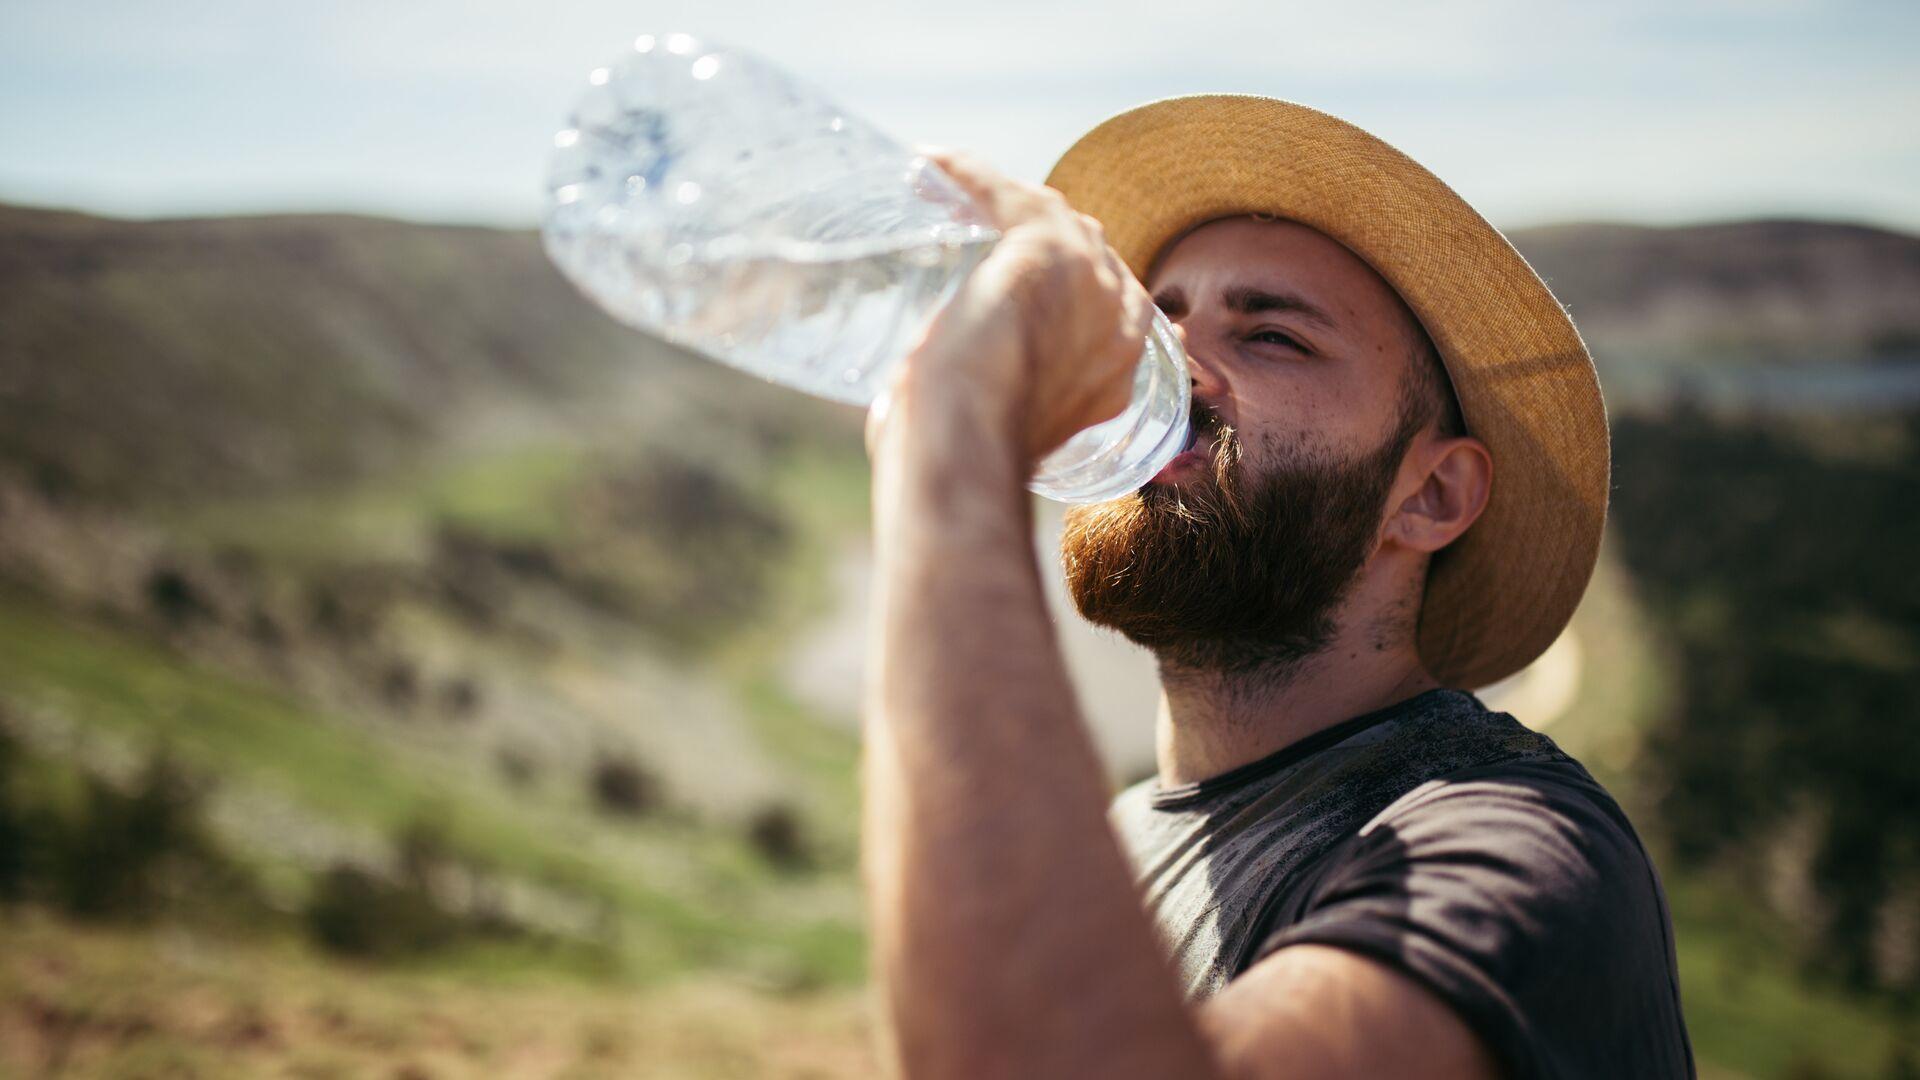 Турист пьет воду - РИА Новости, 1920, 07.07.2021